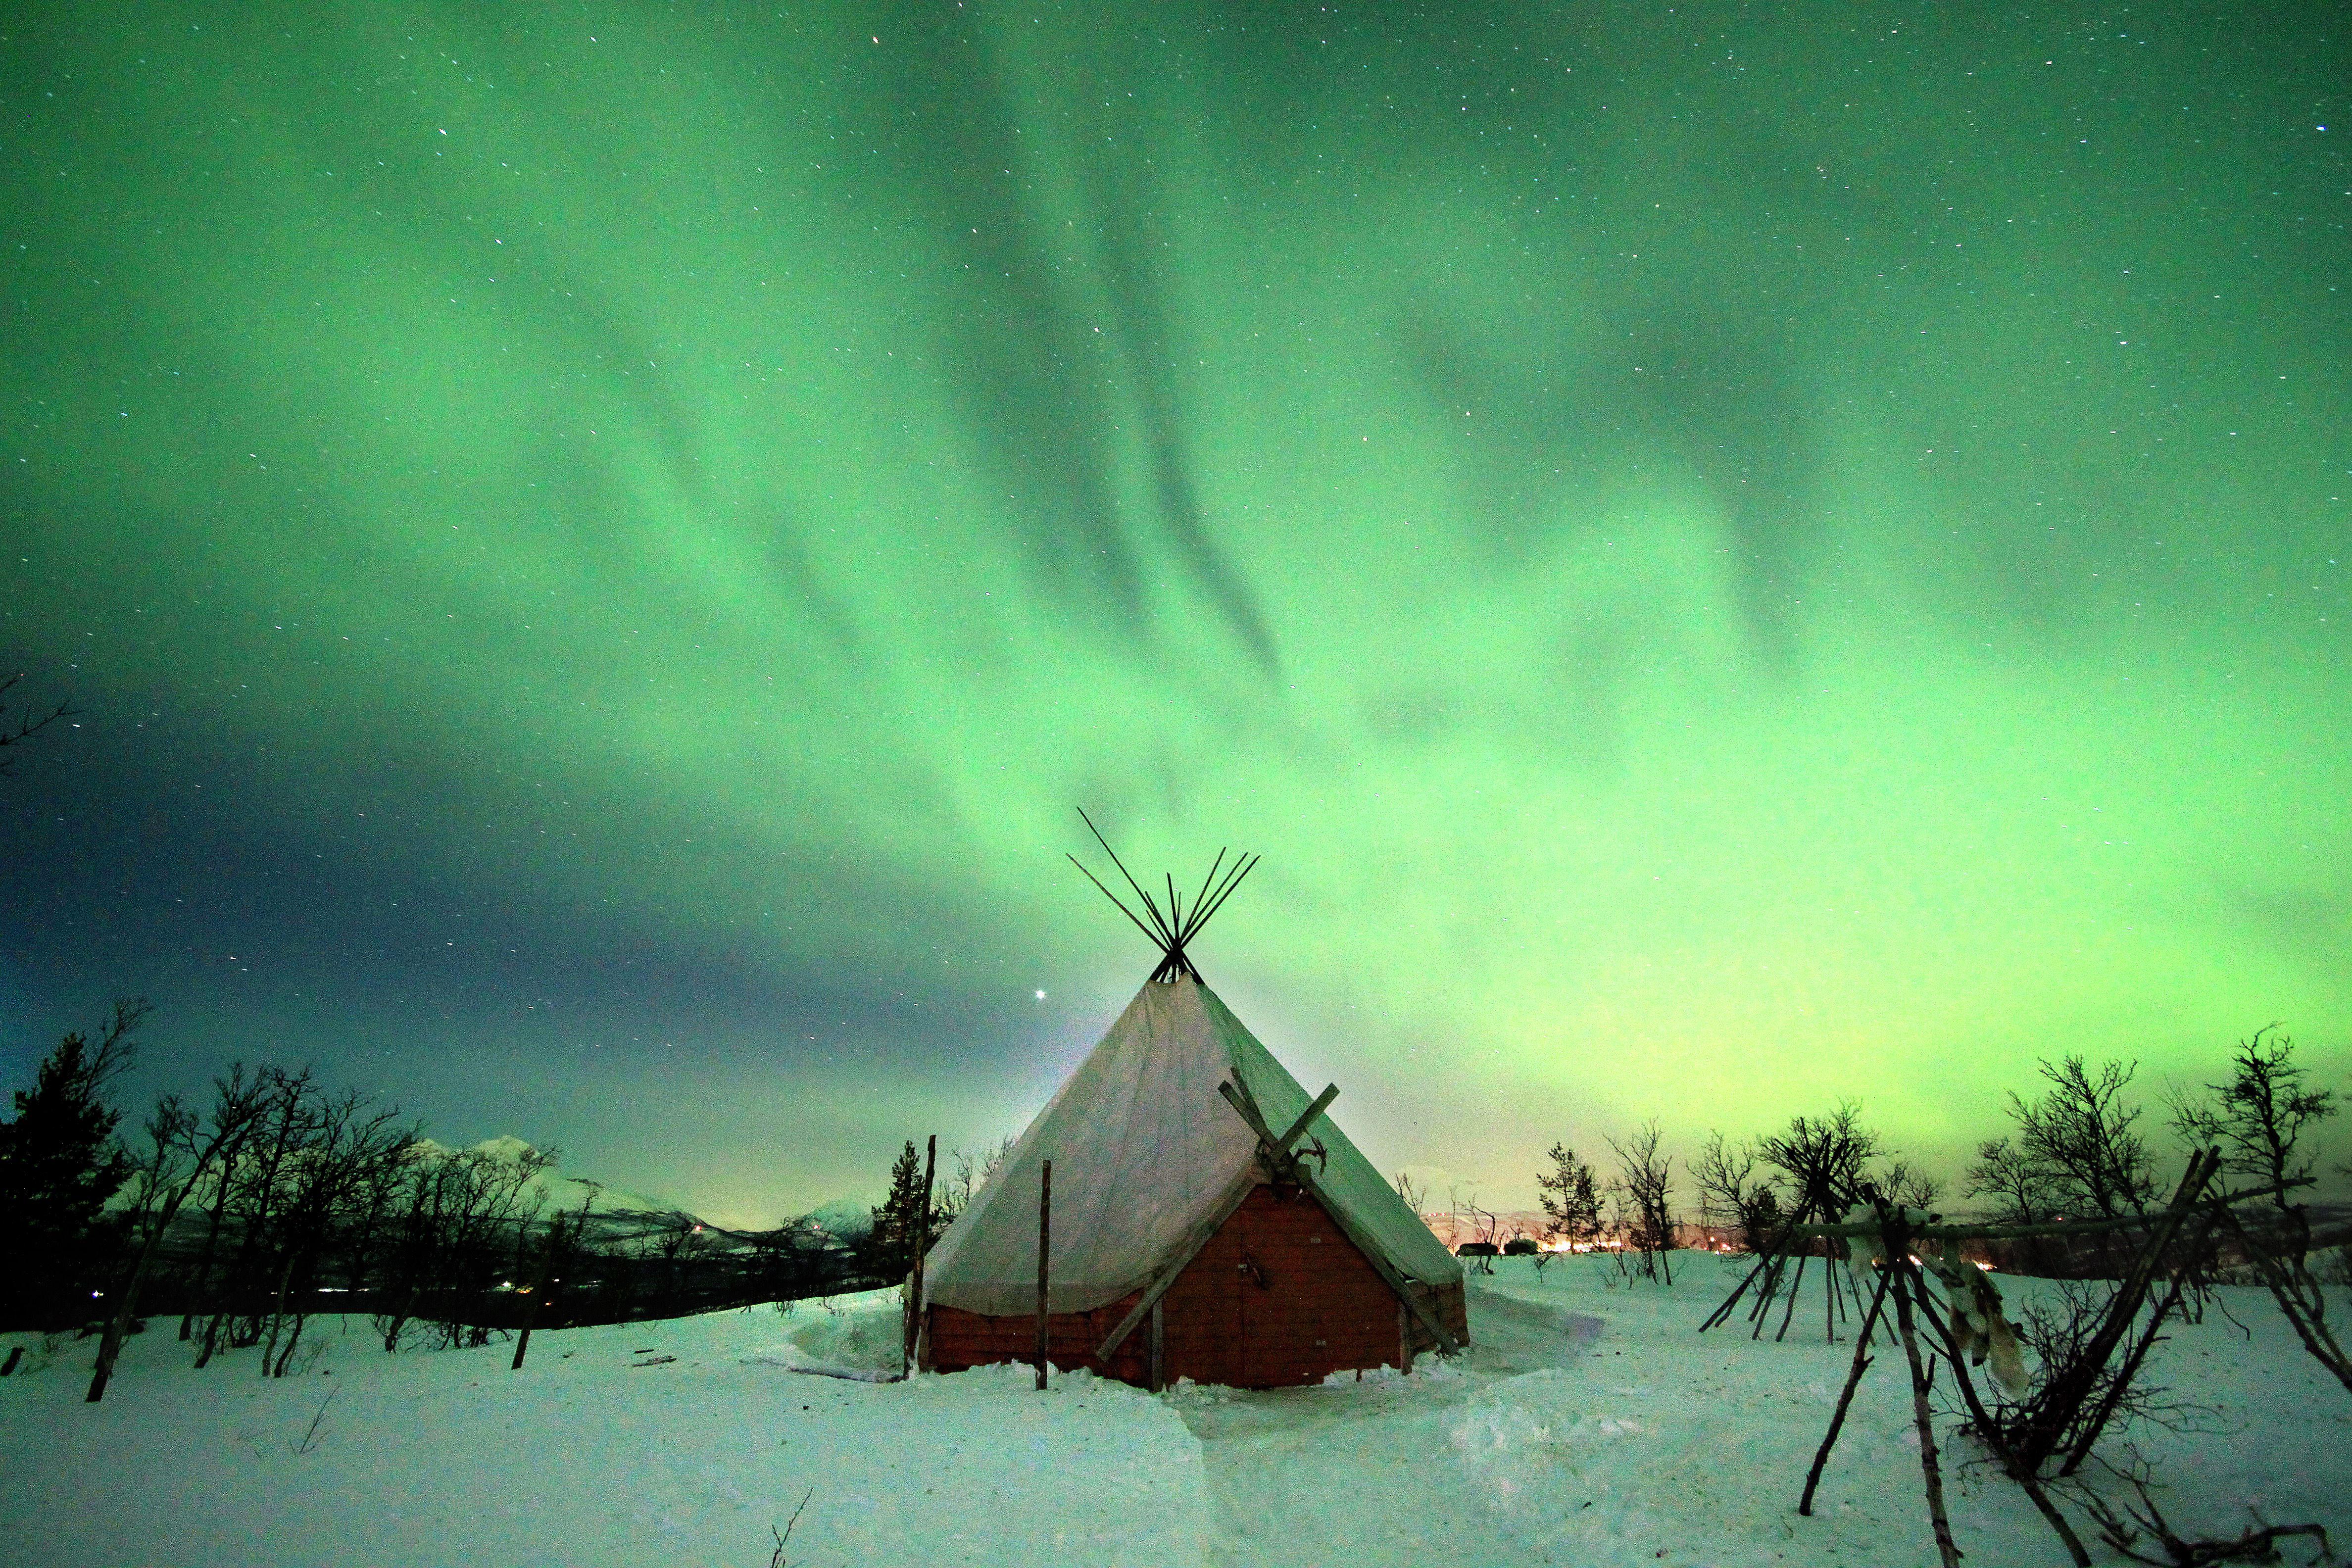 Snowman - Aurora Sky Point From Narvik - Destination Snowman